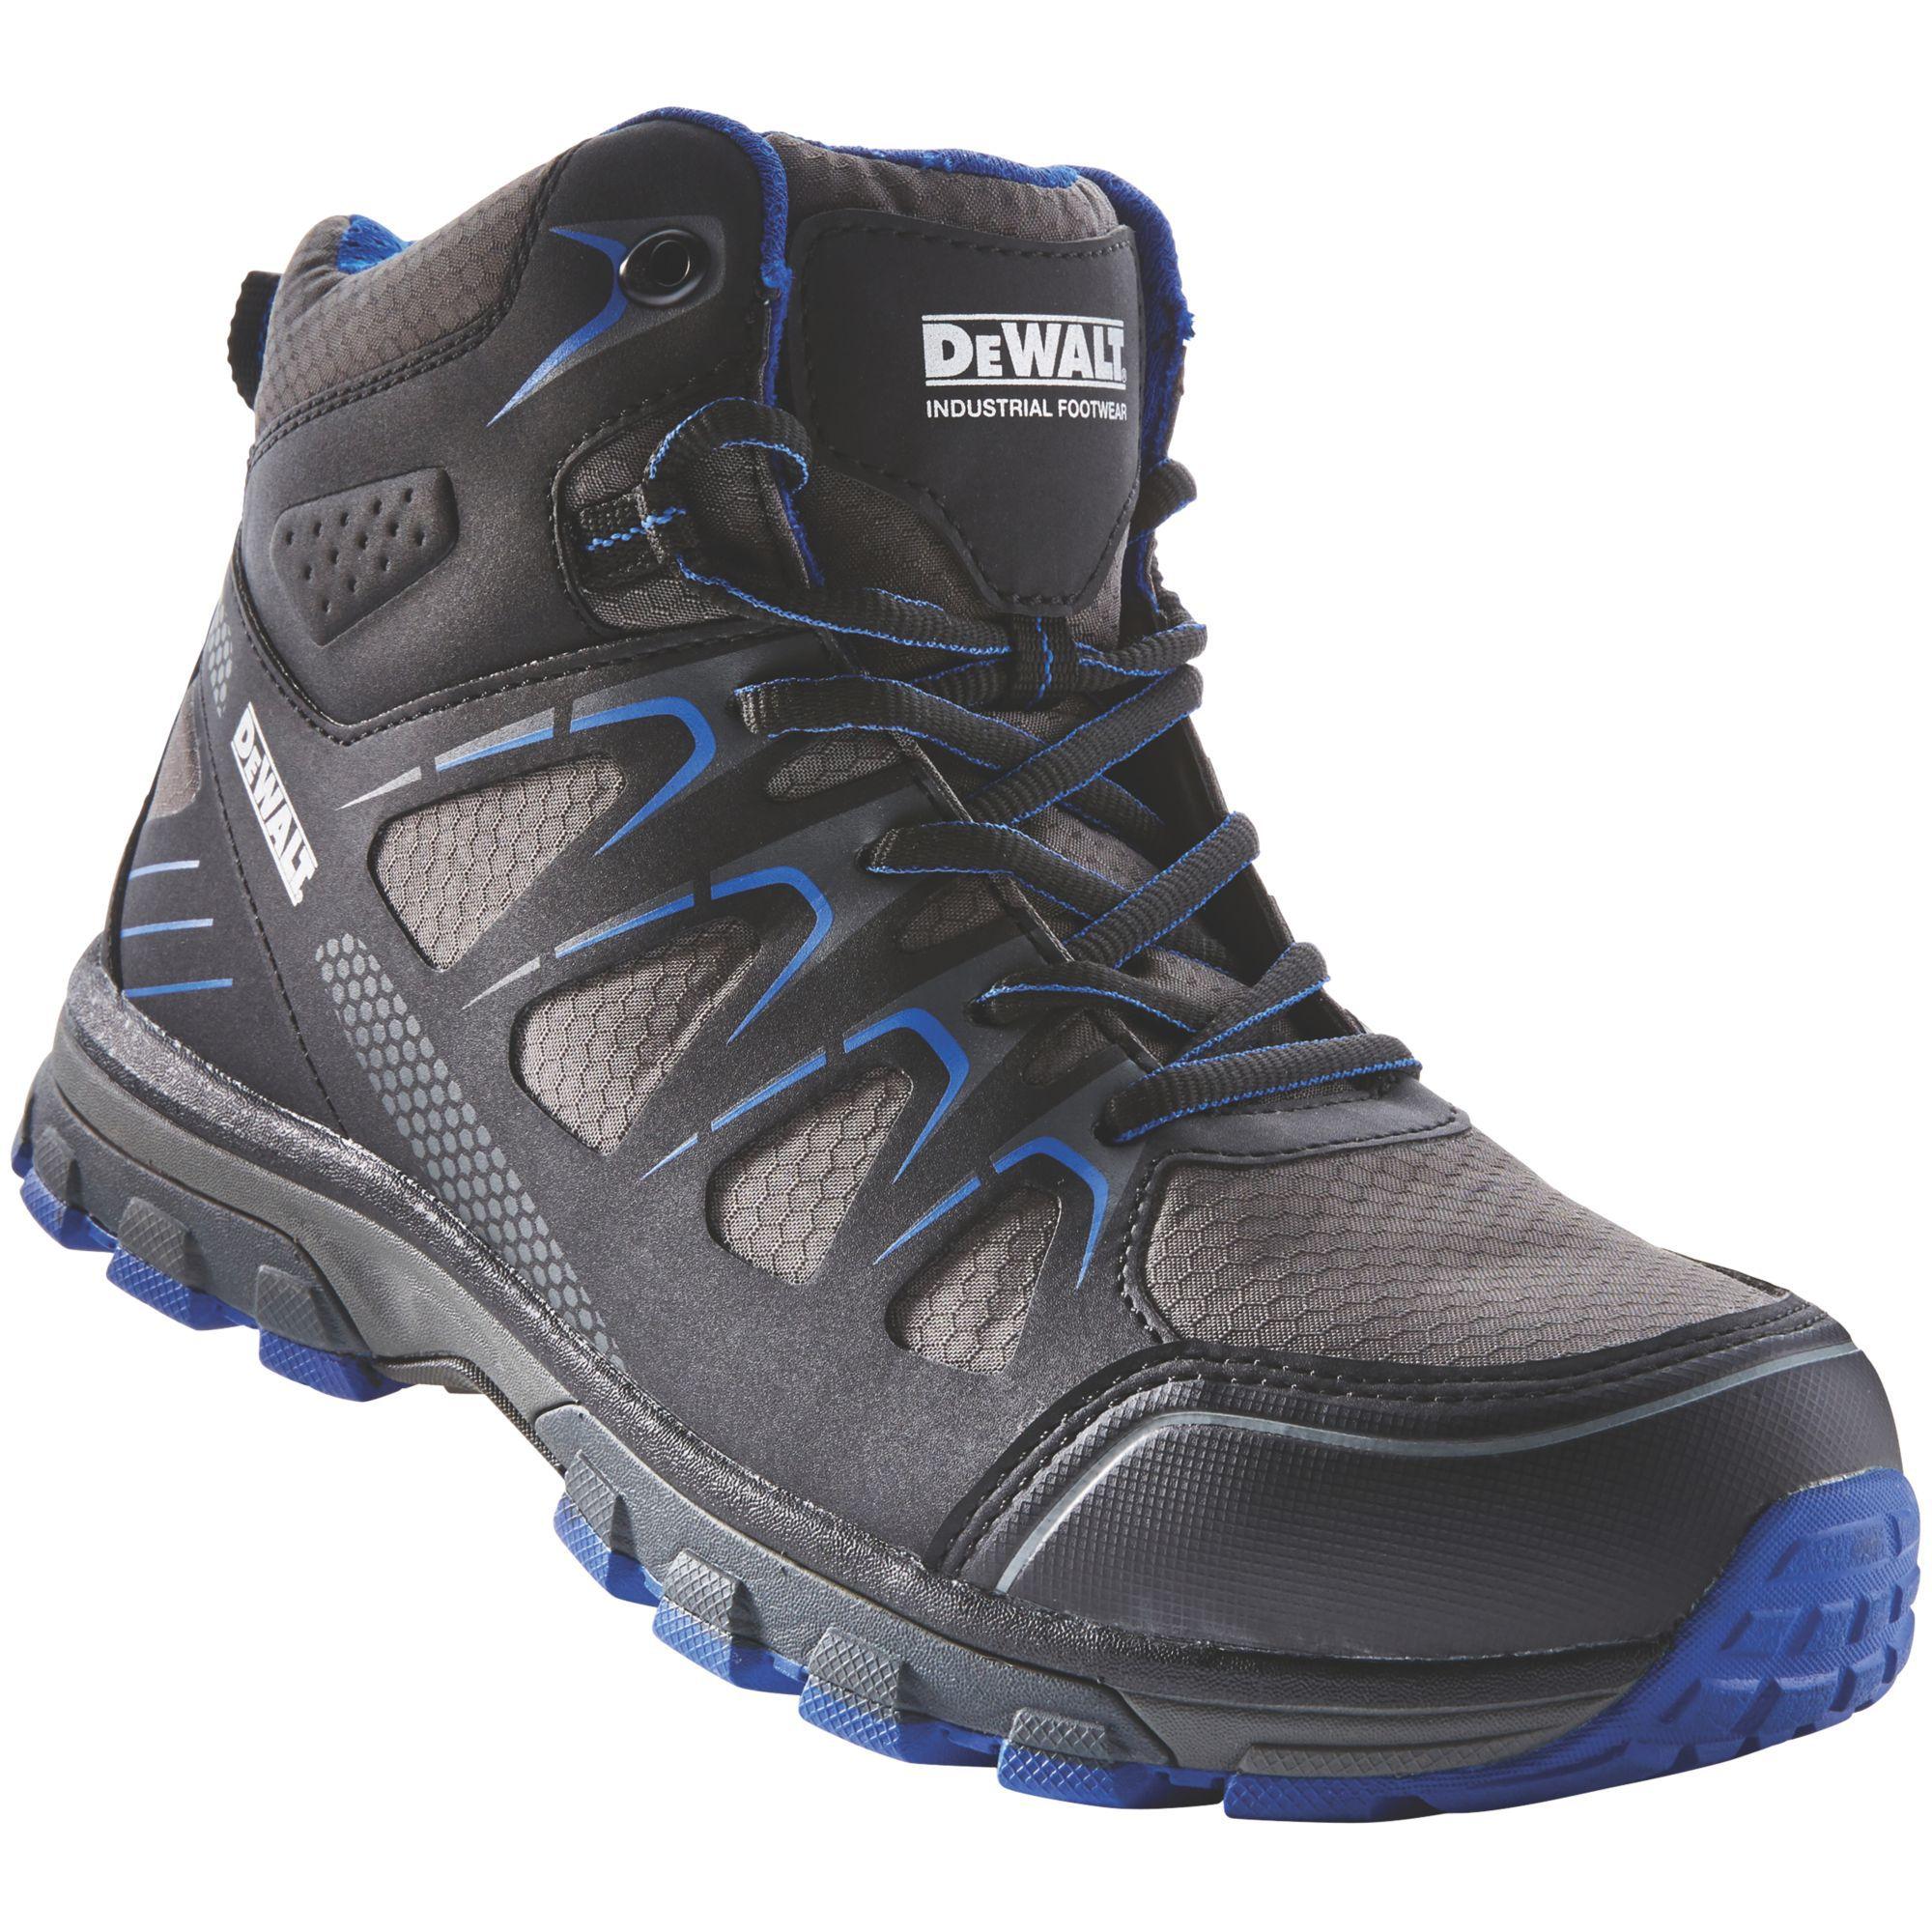 cc231fb94d0 DeWalt Oxygen Black & blue Trainer boot, Size 8 | Departments | DIY at B&Q